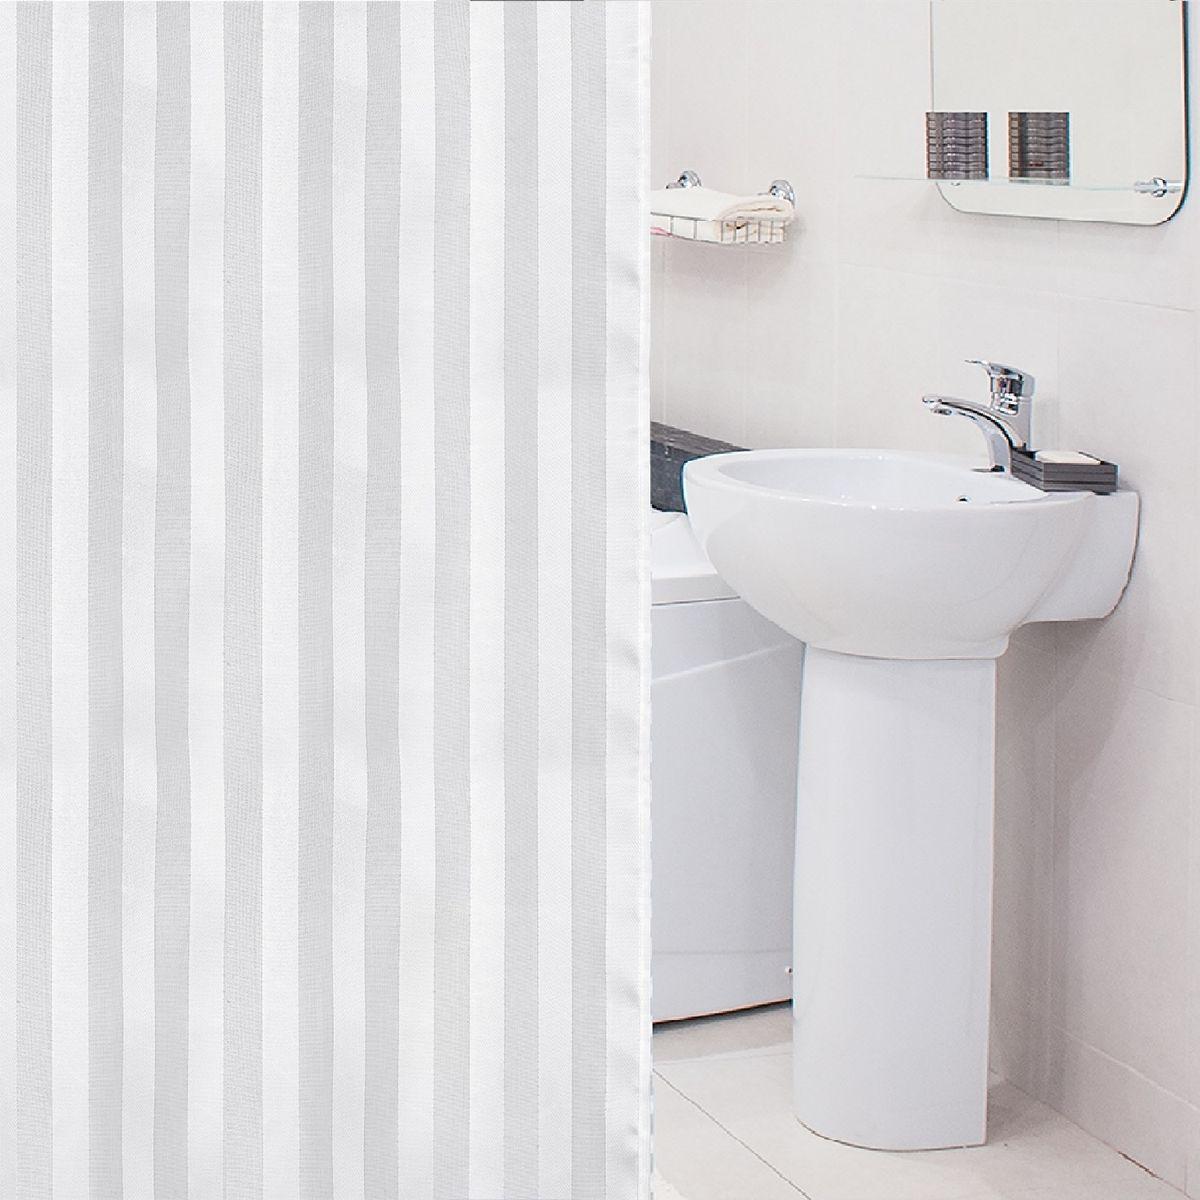 Штора для ванной комнаты Tatkraft Harmony, с кольцами, 180 х 180 см18792Штора для ванной комнаты Tatkraft Harmony выполнена из высококачественного полиэстера с водоотталкивающим и антигрибковым покрытием. Изделие приятно на ощупь, быстро высыхает. В комплекте прилагаются овальные пластиковые кольца. Такая штора прекрасно впишется в любой интерьер ванной комнаты и идеально защитит от брызг. Можно стирать в стиральной машине при температуре 40°С. Количество колец: 12 шт.